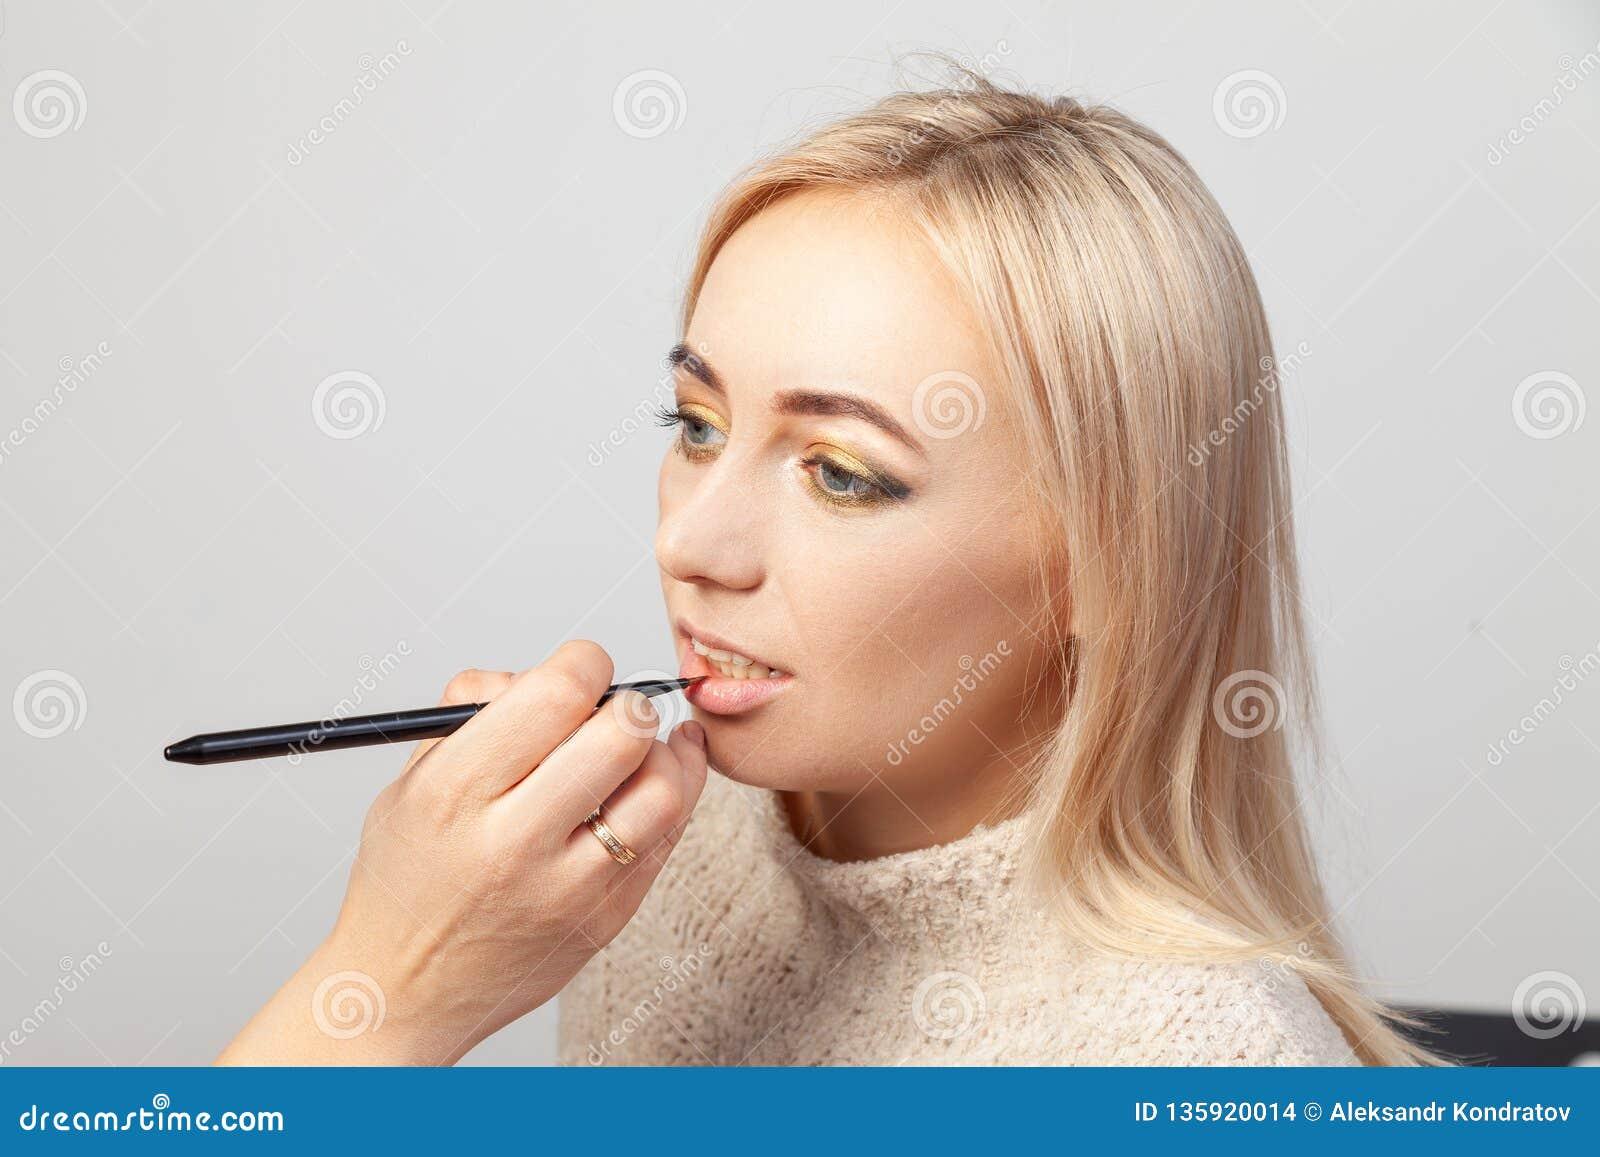 Ένα makeup σε ένα στούντιο ομορφιάς, ένας καλλιτέχνης σύνθεσης με μια βούρτσα στο χέρι της βάζει ένα προϊόν στα χείλια ενός ξανθο